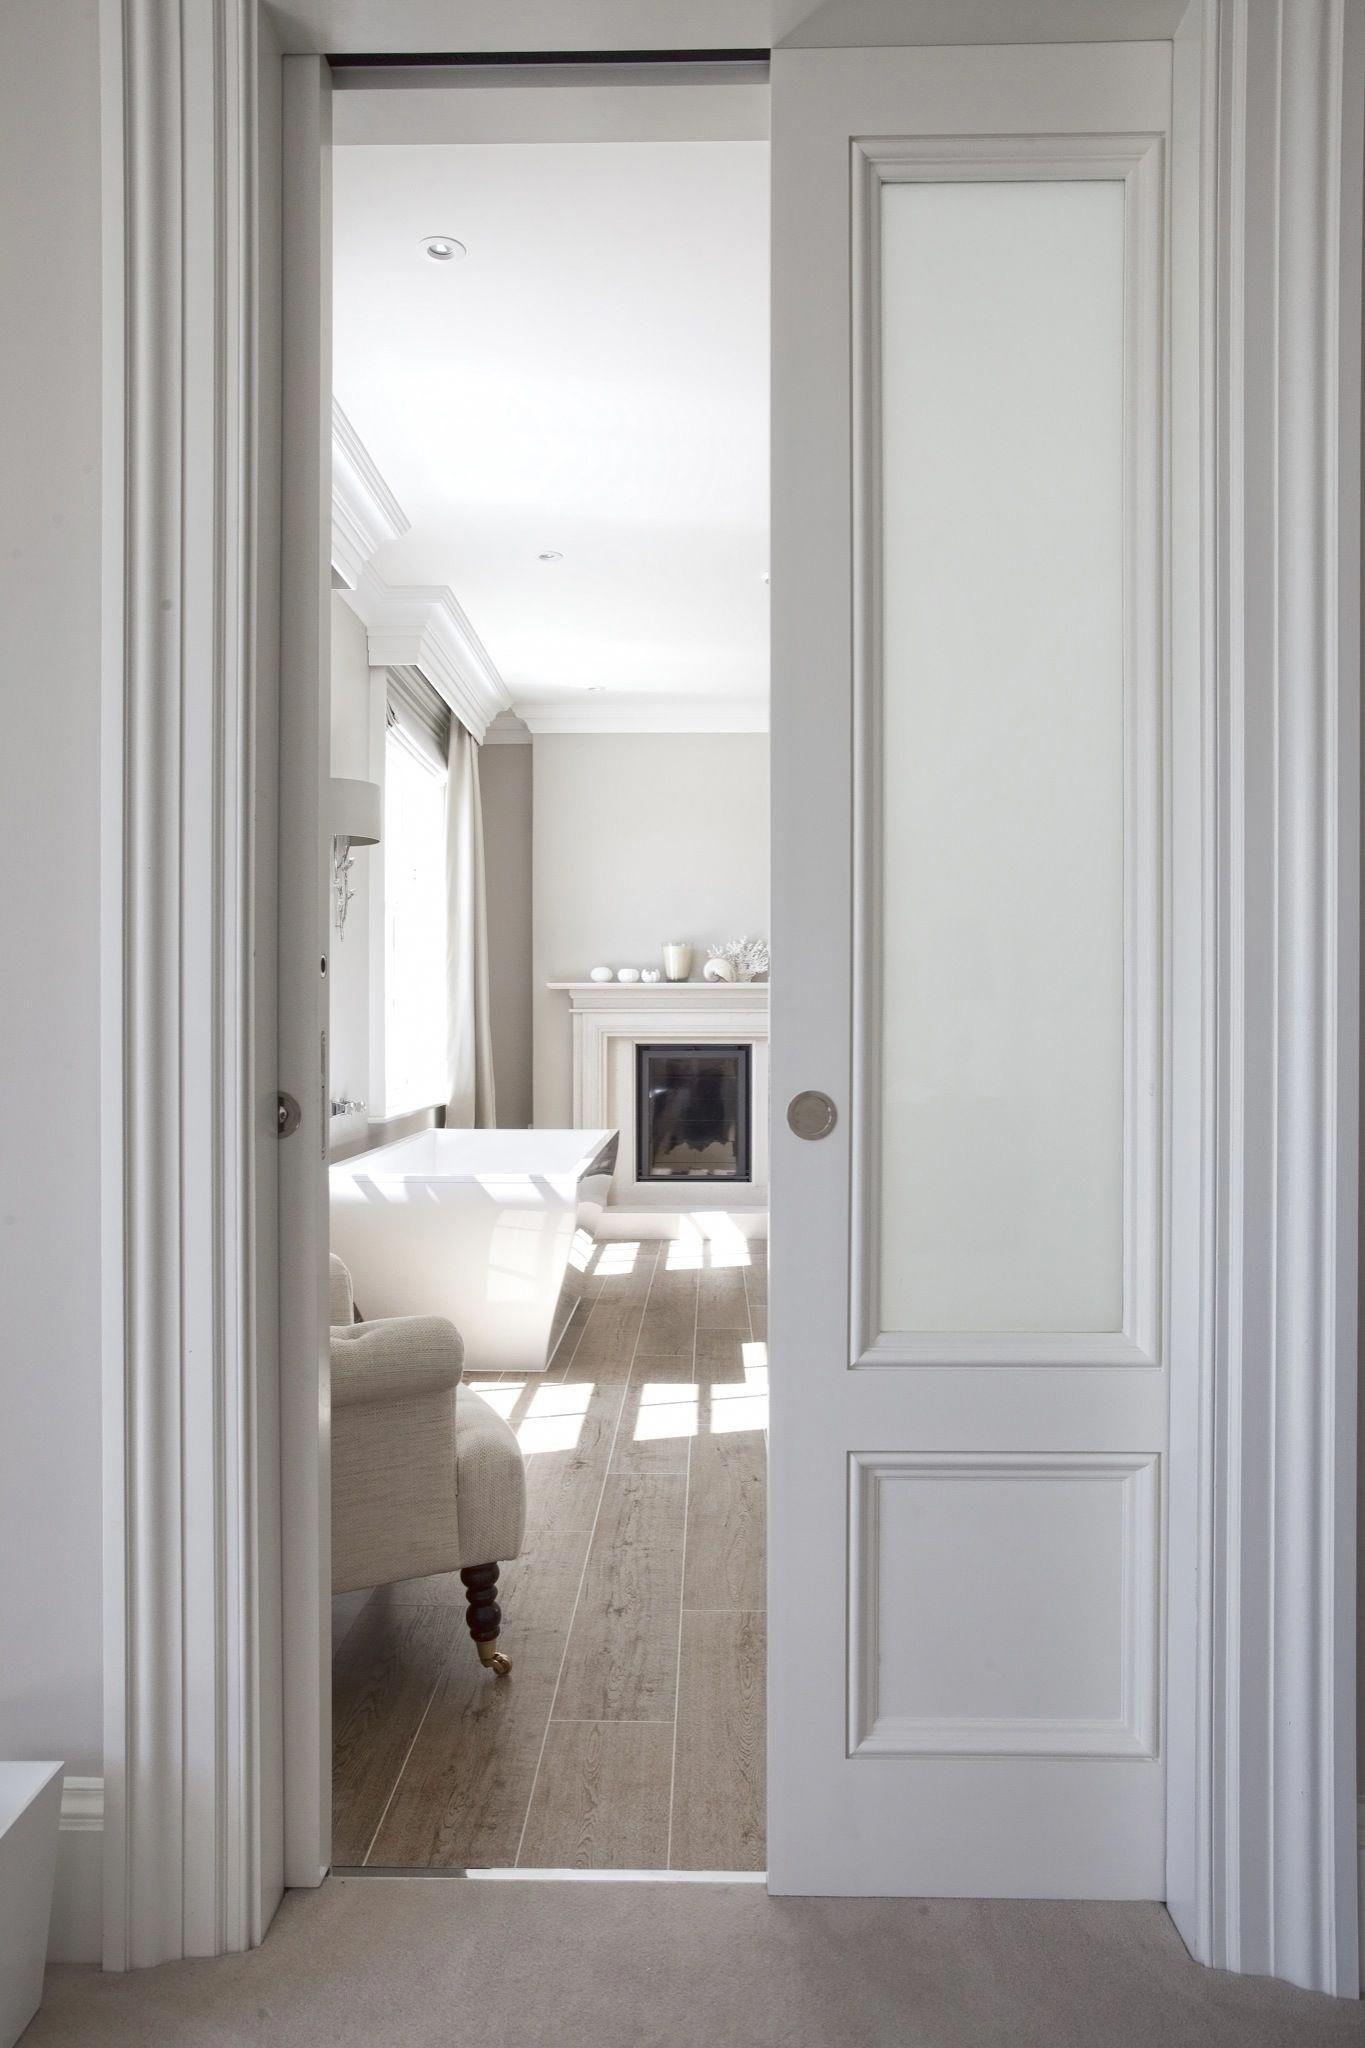 Modern Sliding Doors Screen Door 8 Ft Tall Sliding Closet Doors 20190913 Double Doors Interior Sliding Pocket Doors Pocket Doors